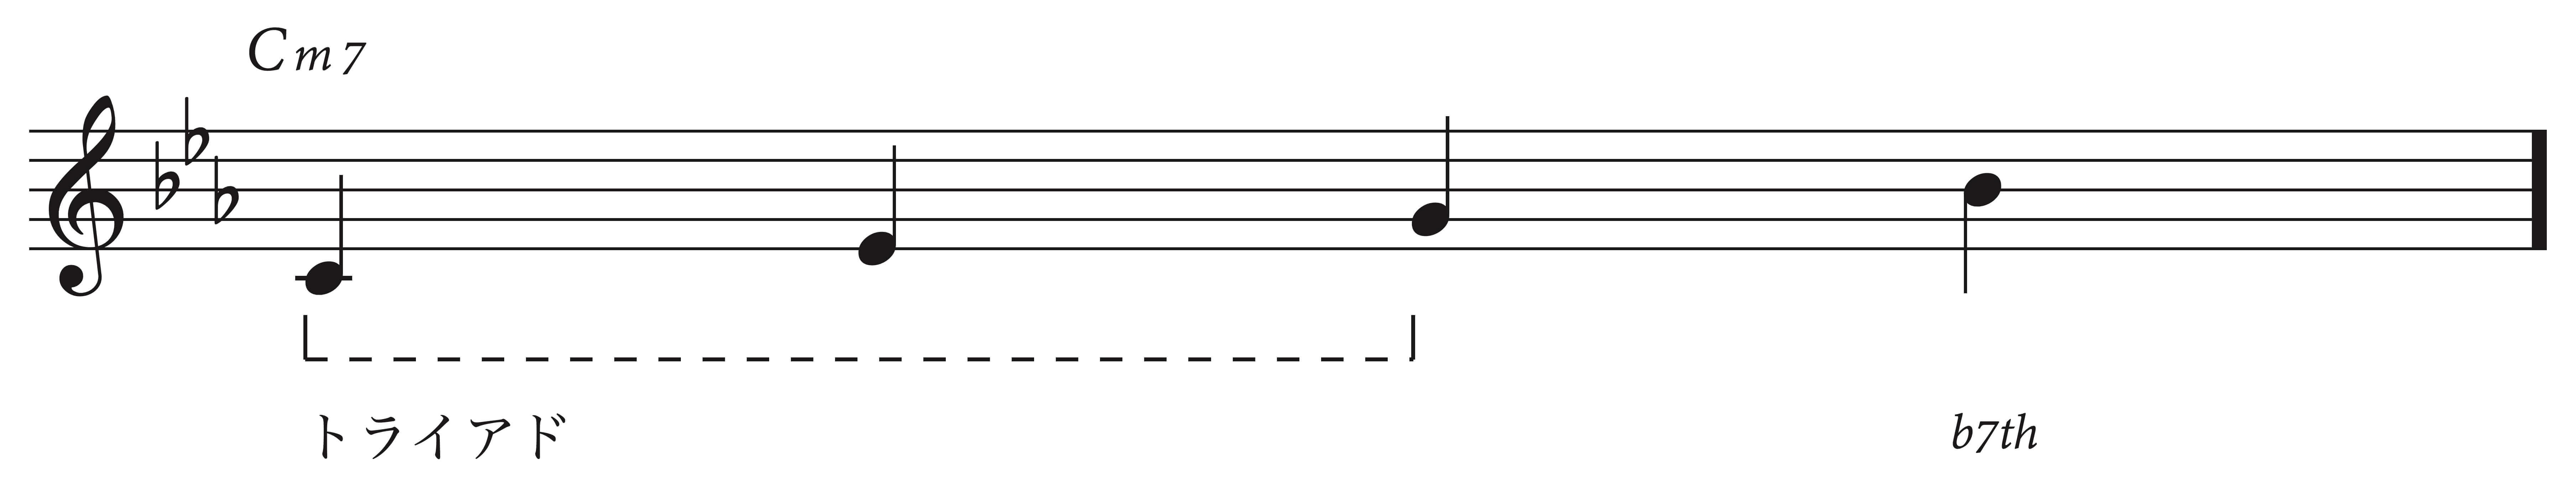 ペンタトニックスケール,練習方法,覚え方,ジャズギター,アドリブ